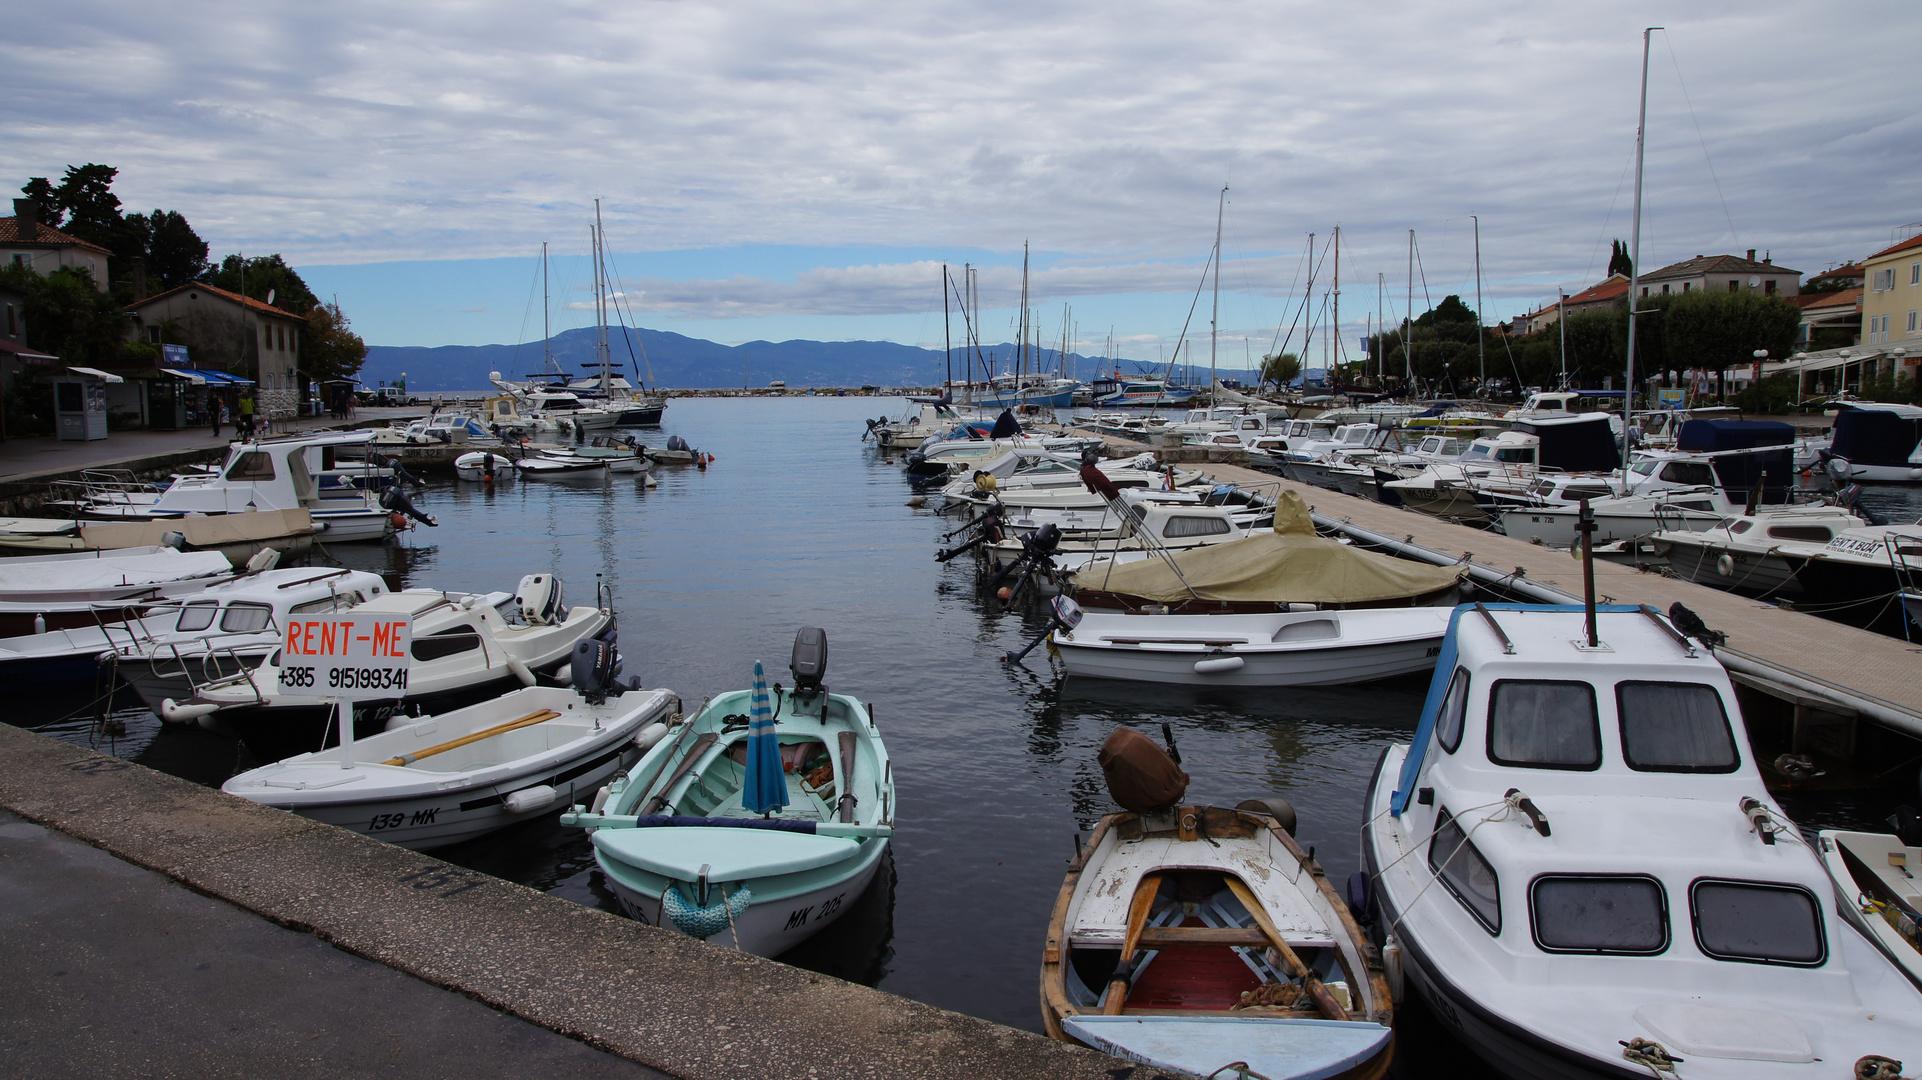 Hafen in Malinska (Insel Krk)